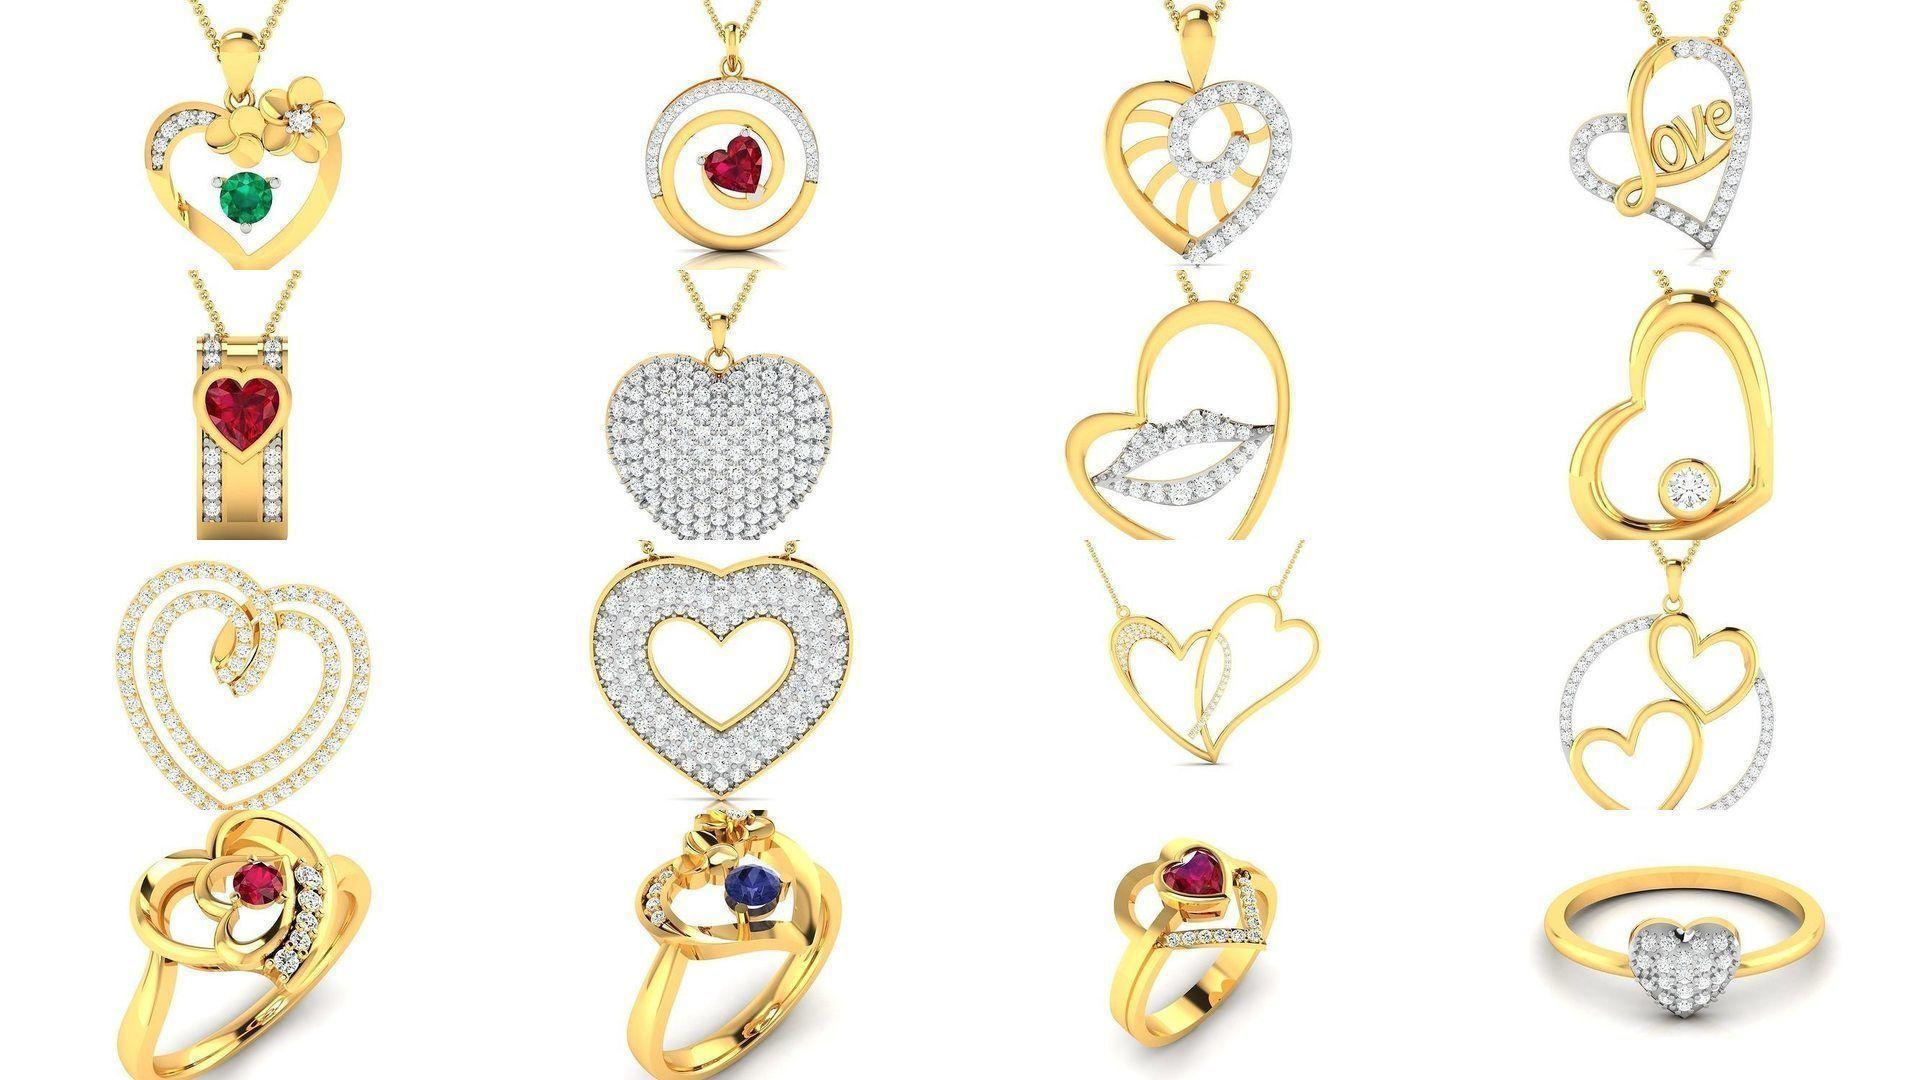 201 Love valentine ring earrings pendant 3dm render details